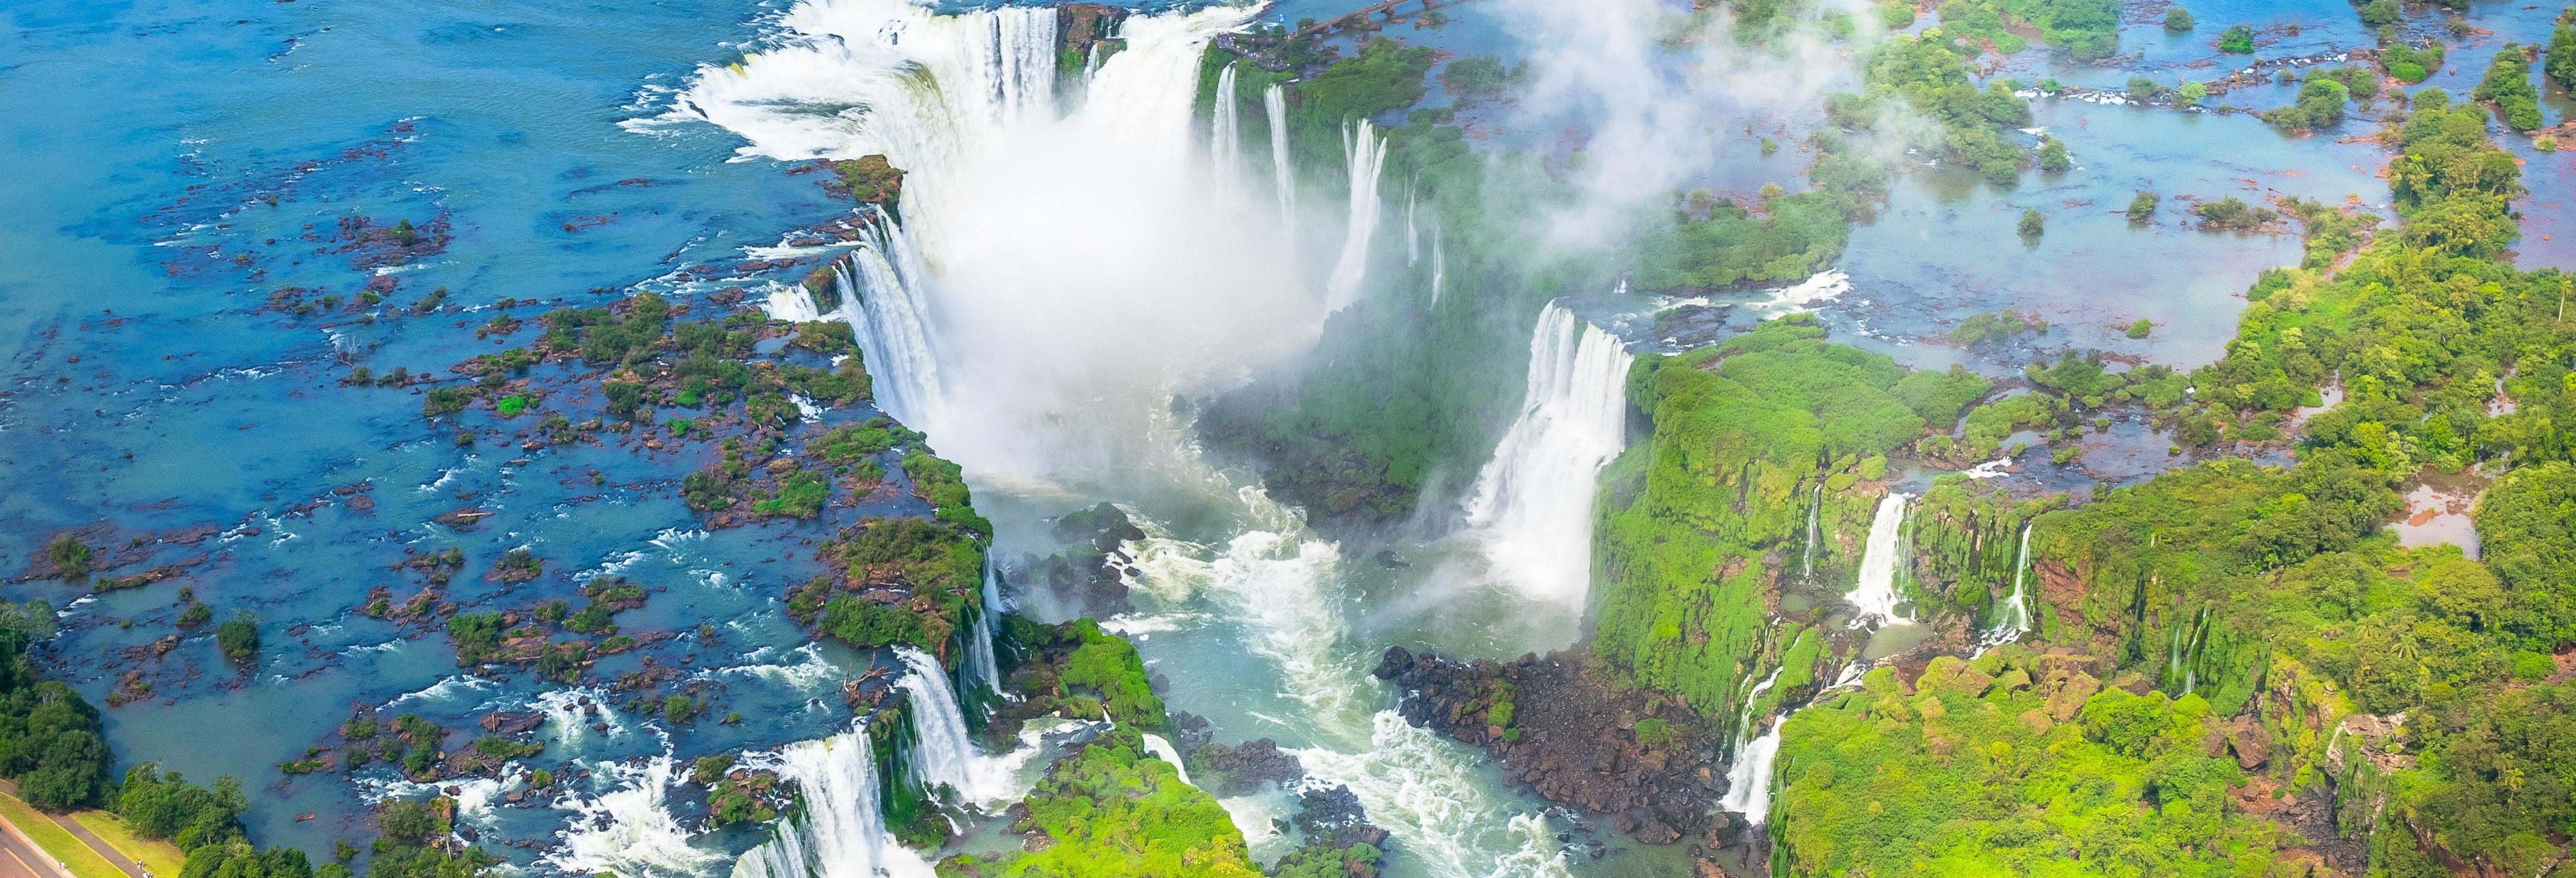 Excursión privada a las Cataratas de Iguazú